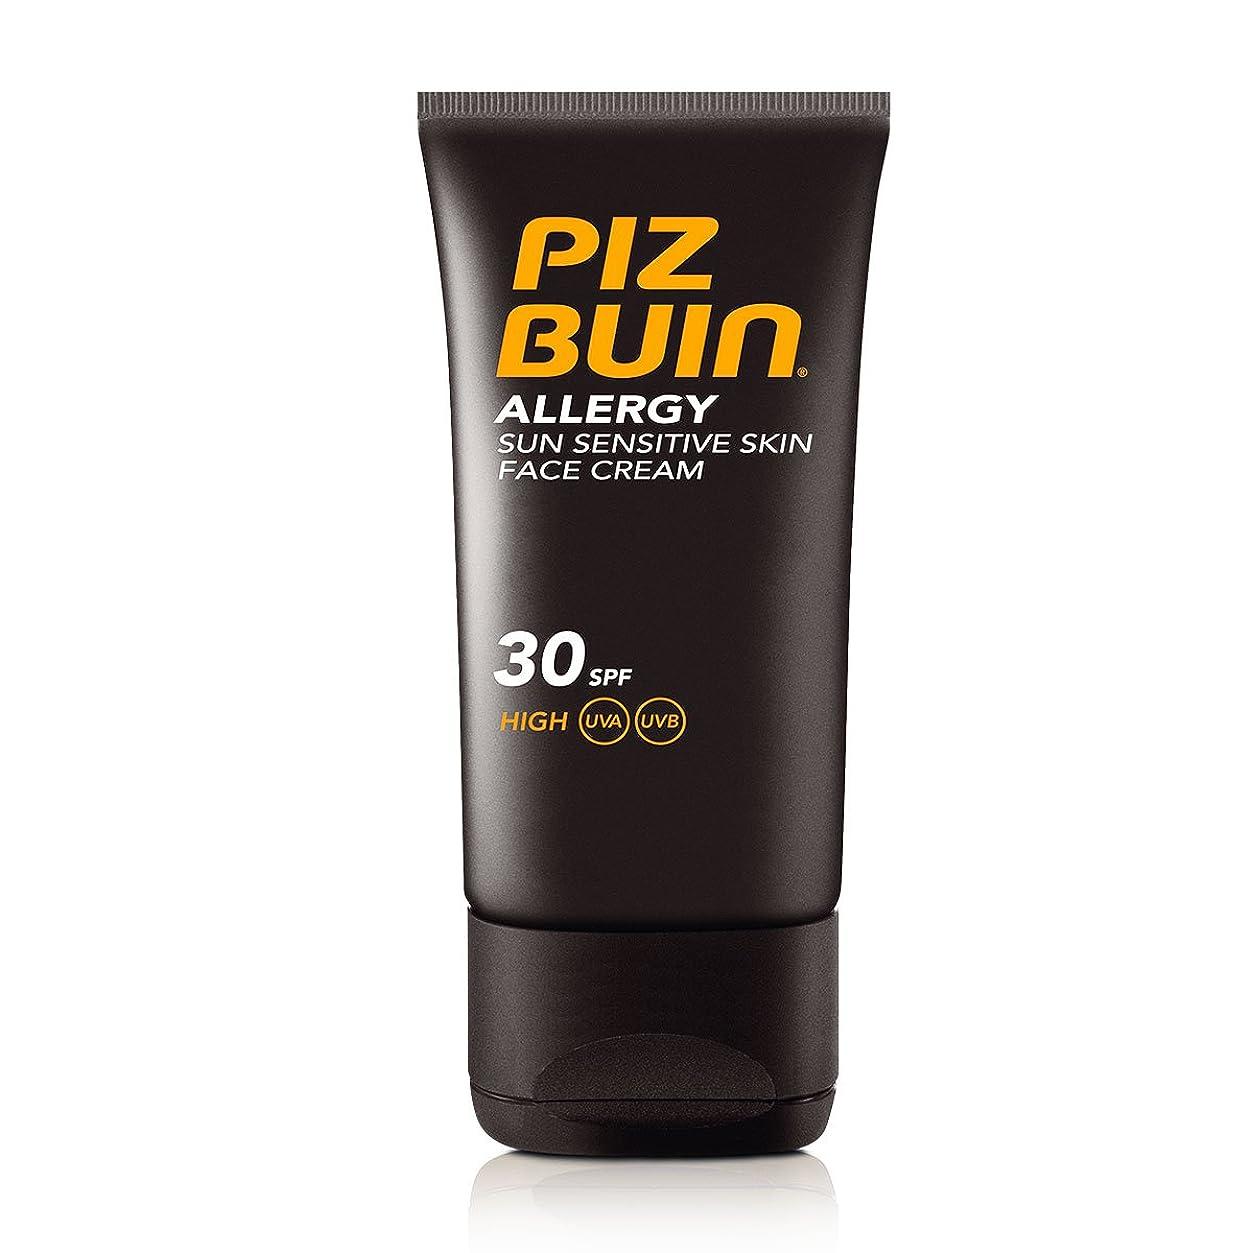 聖域アセ受け入れるPiz Buin Allergy Sensitive Face Spf 30 50ml [並行輸入品]